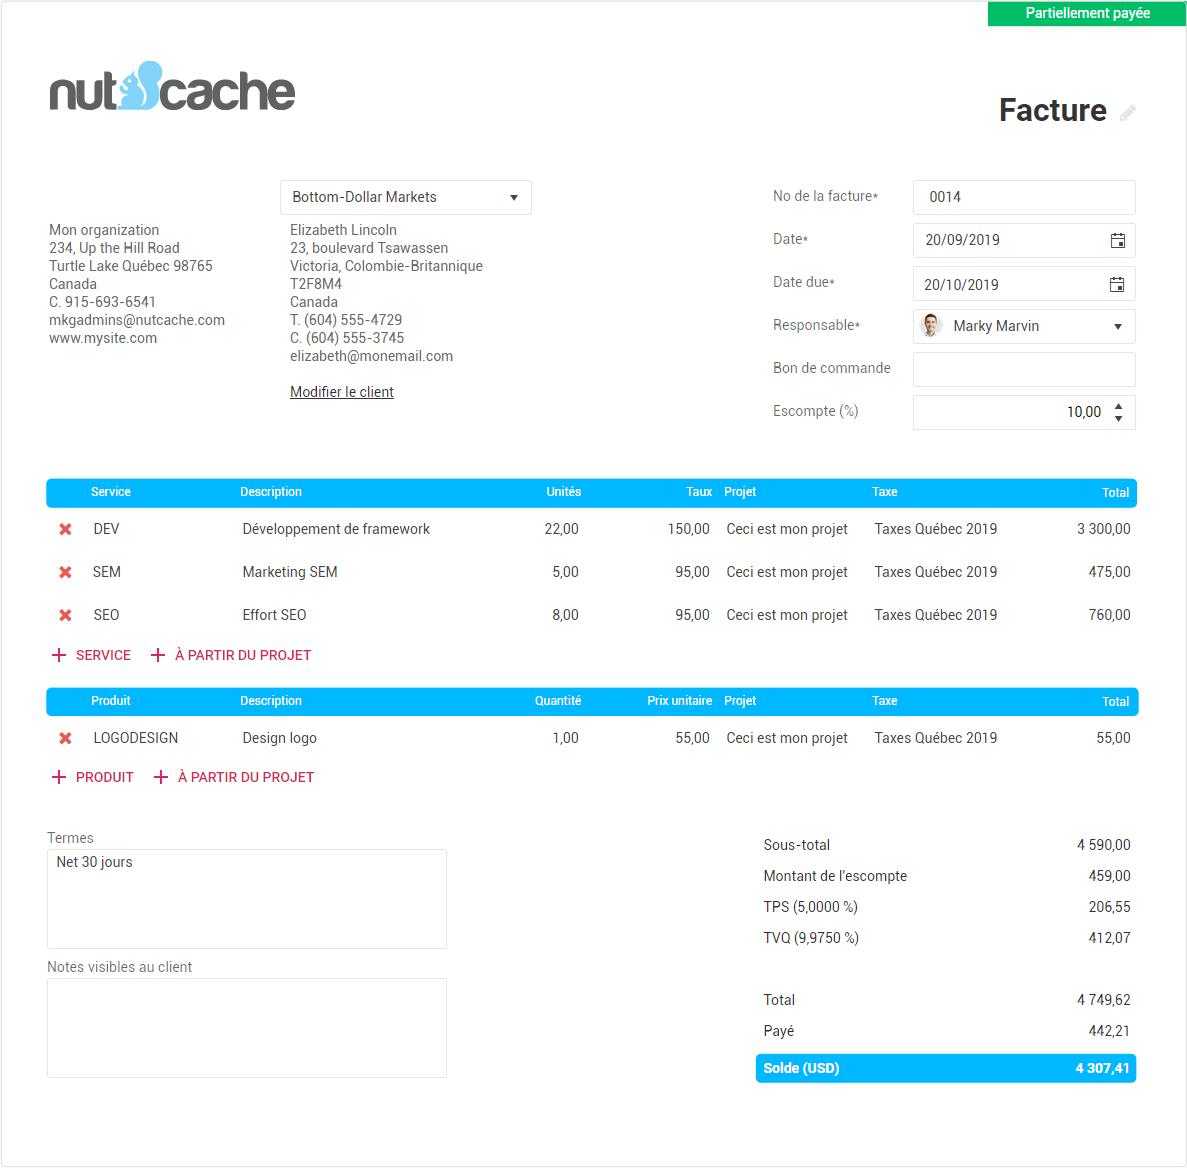 facture nutcache